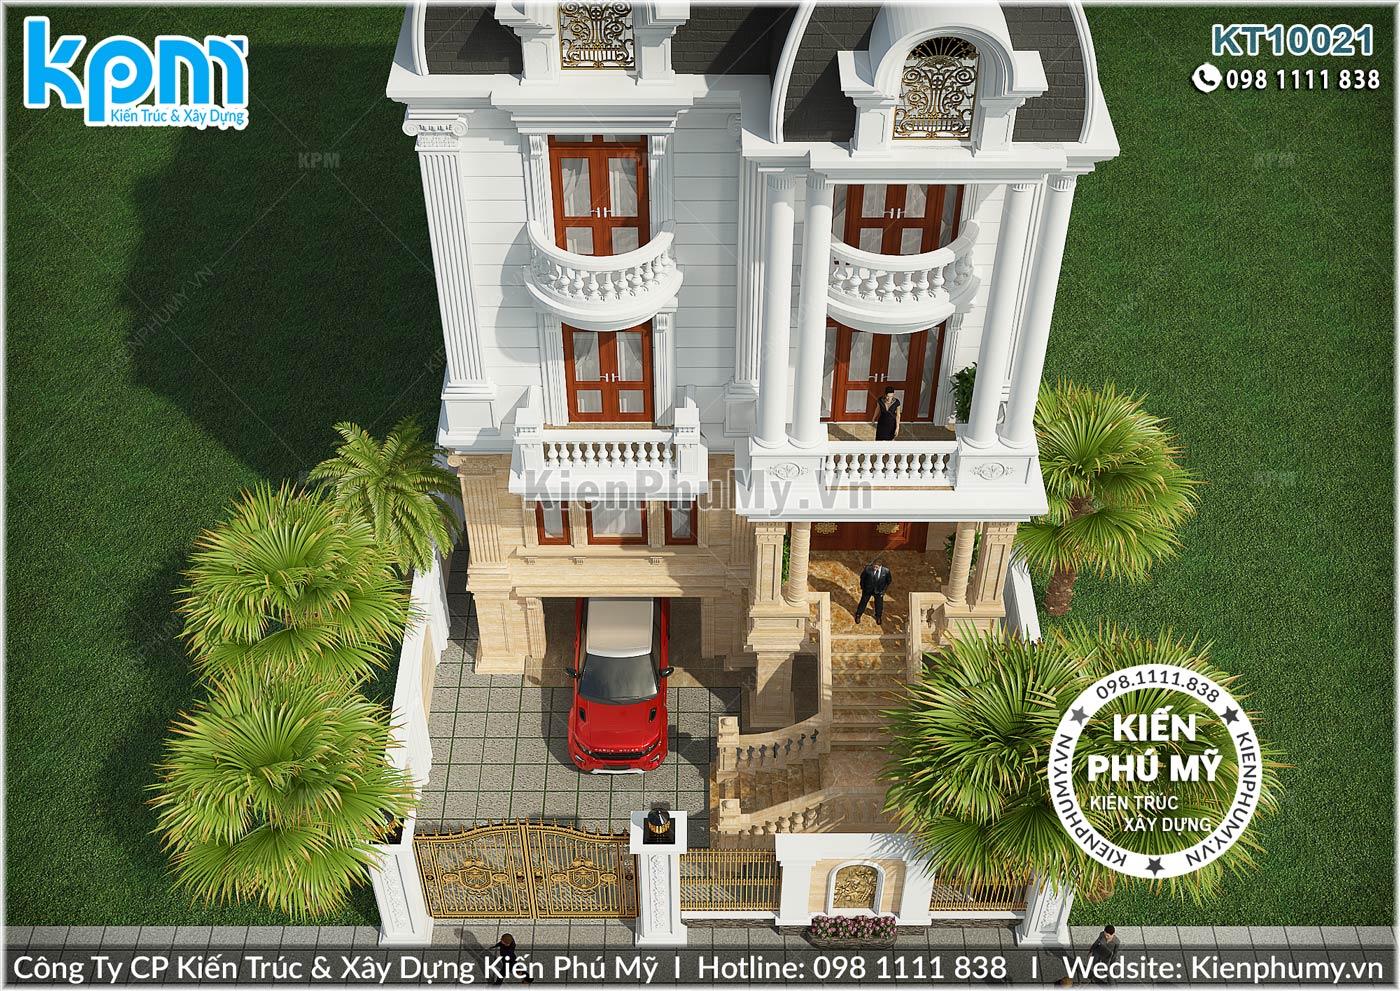 Thiết kế biệt thự 4 tầng mặt tiền 10m đẹp đẳng cấp